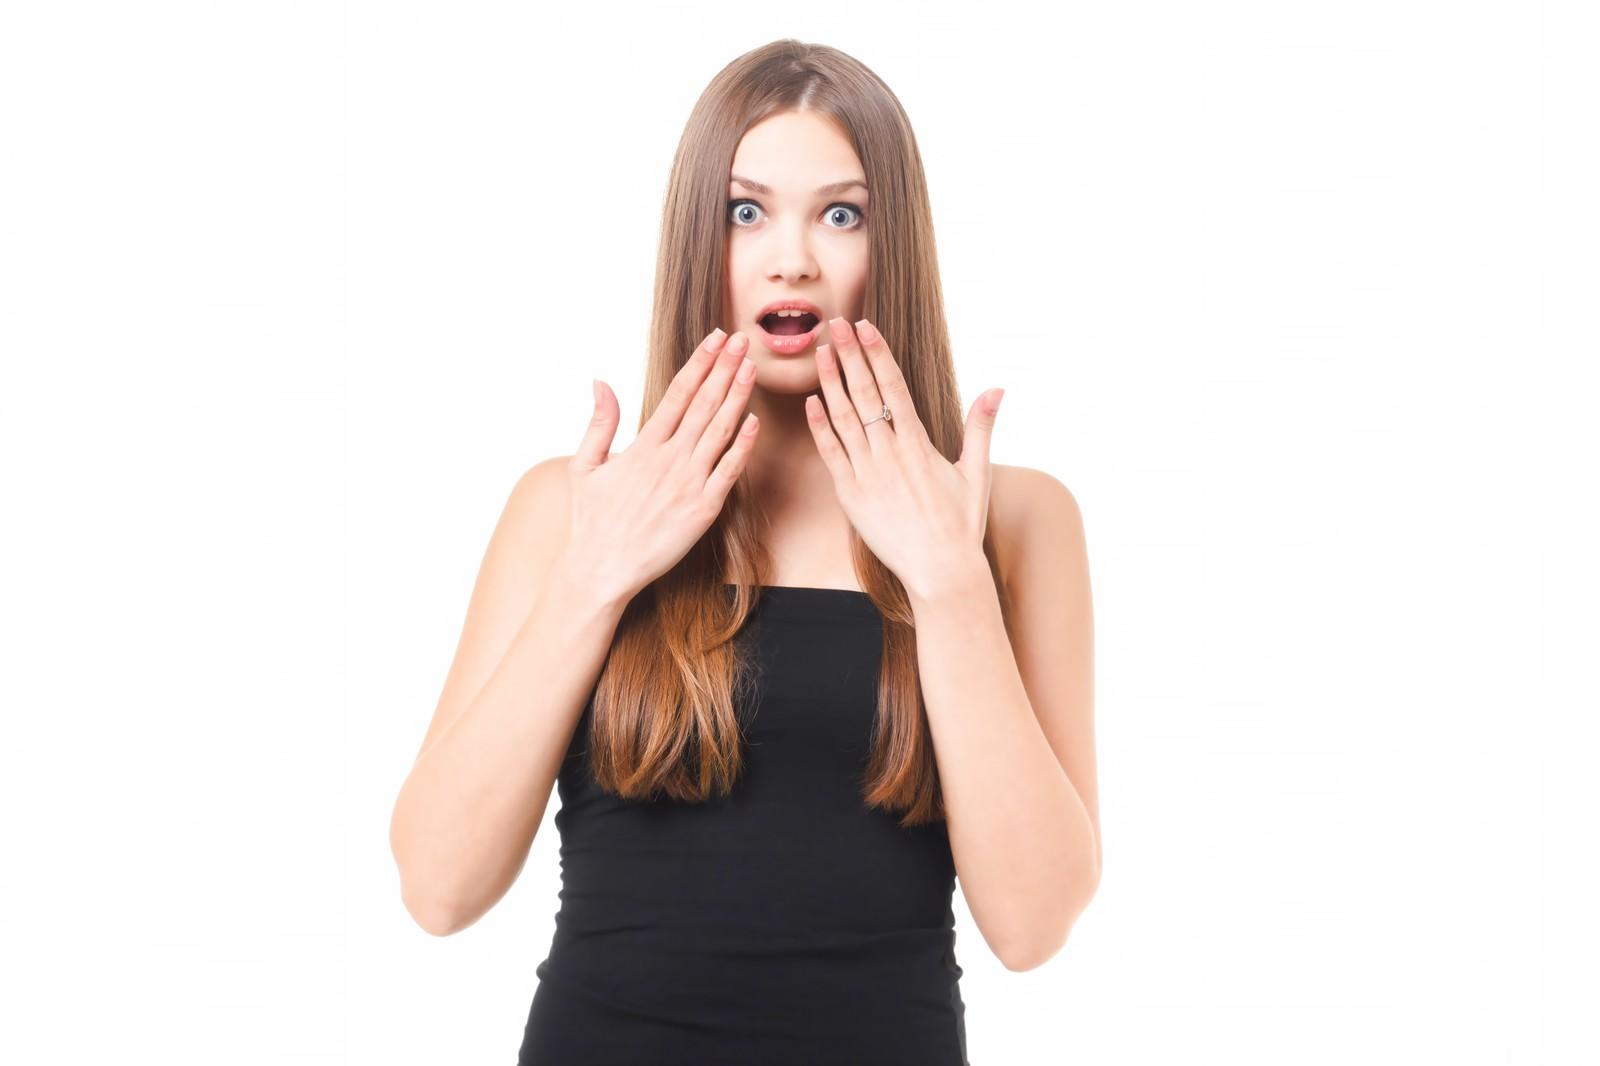 思わぬ落とし穴?毛抜きでムダ毛処理をするのは危険がいっぱい!のサムネイル画像